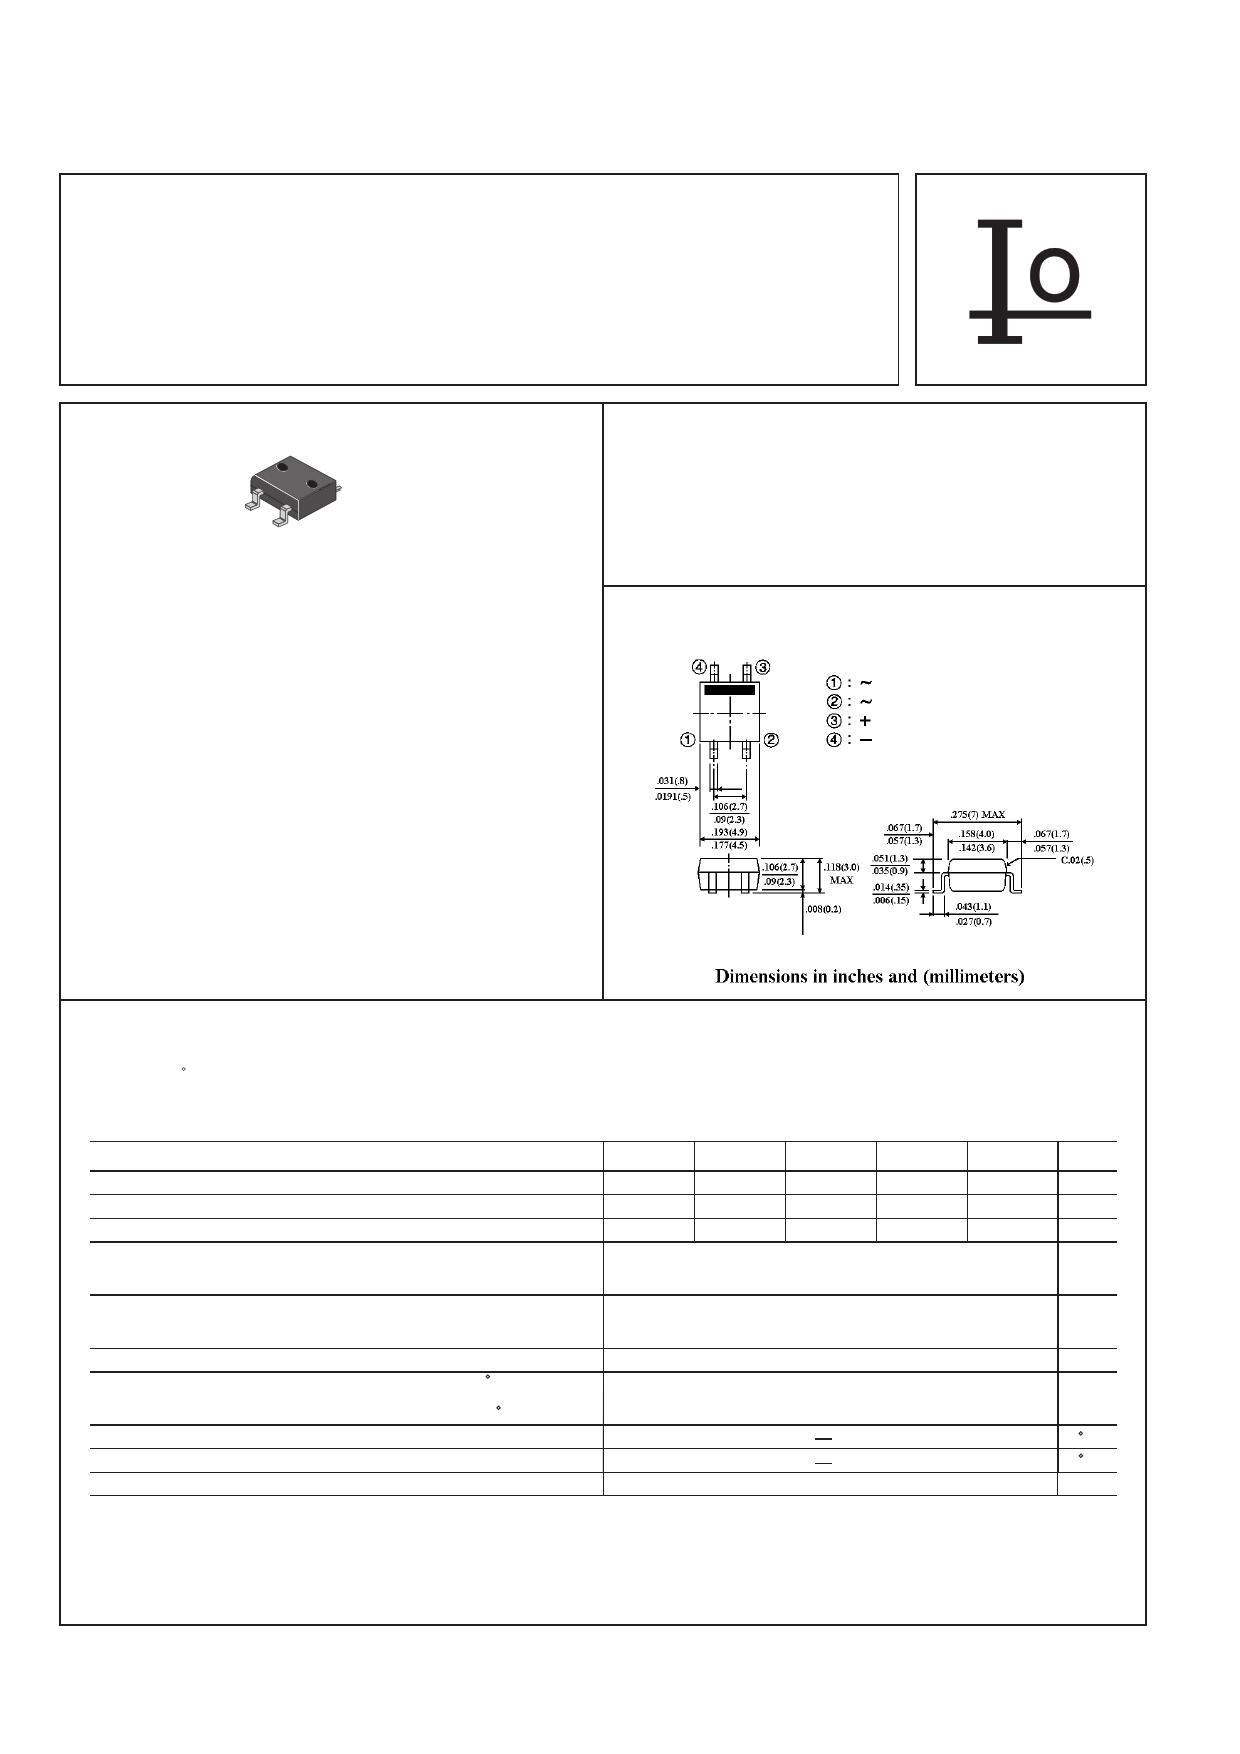 B8S datasheet